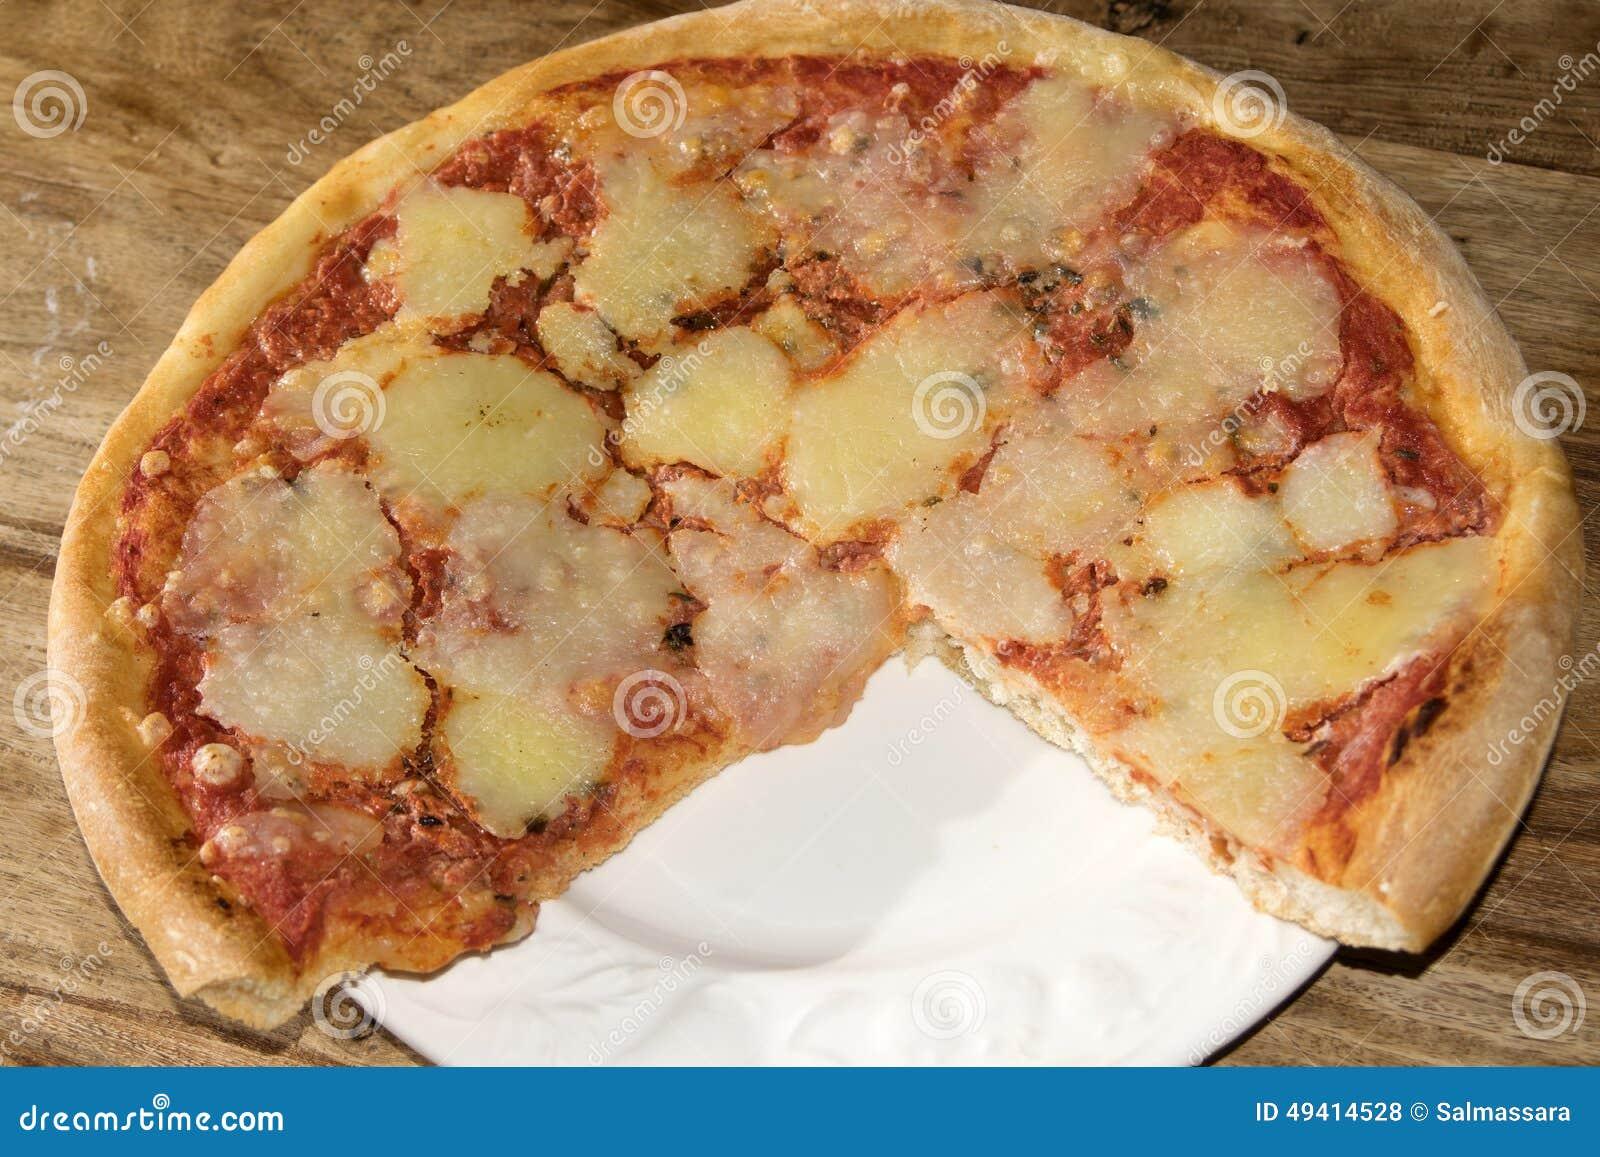 Download Pizza stockfoto. Bild von hefe, notwendig, teig, treibmittel - 49414528